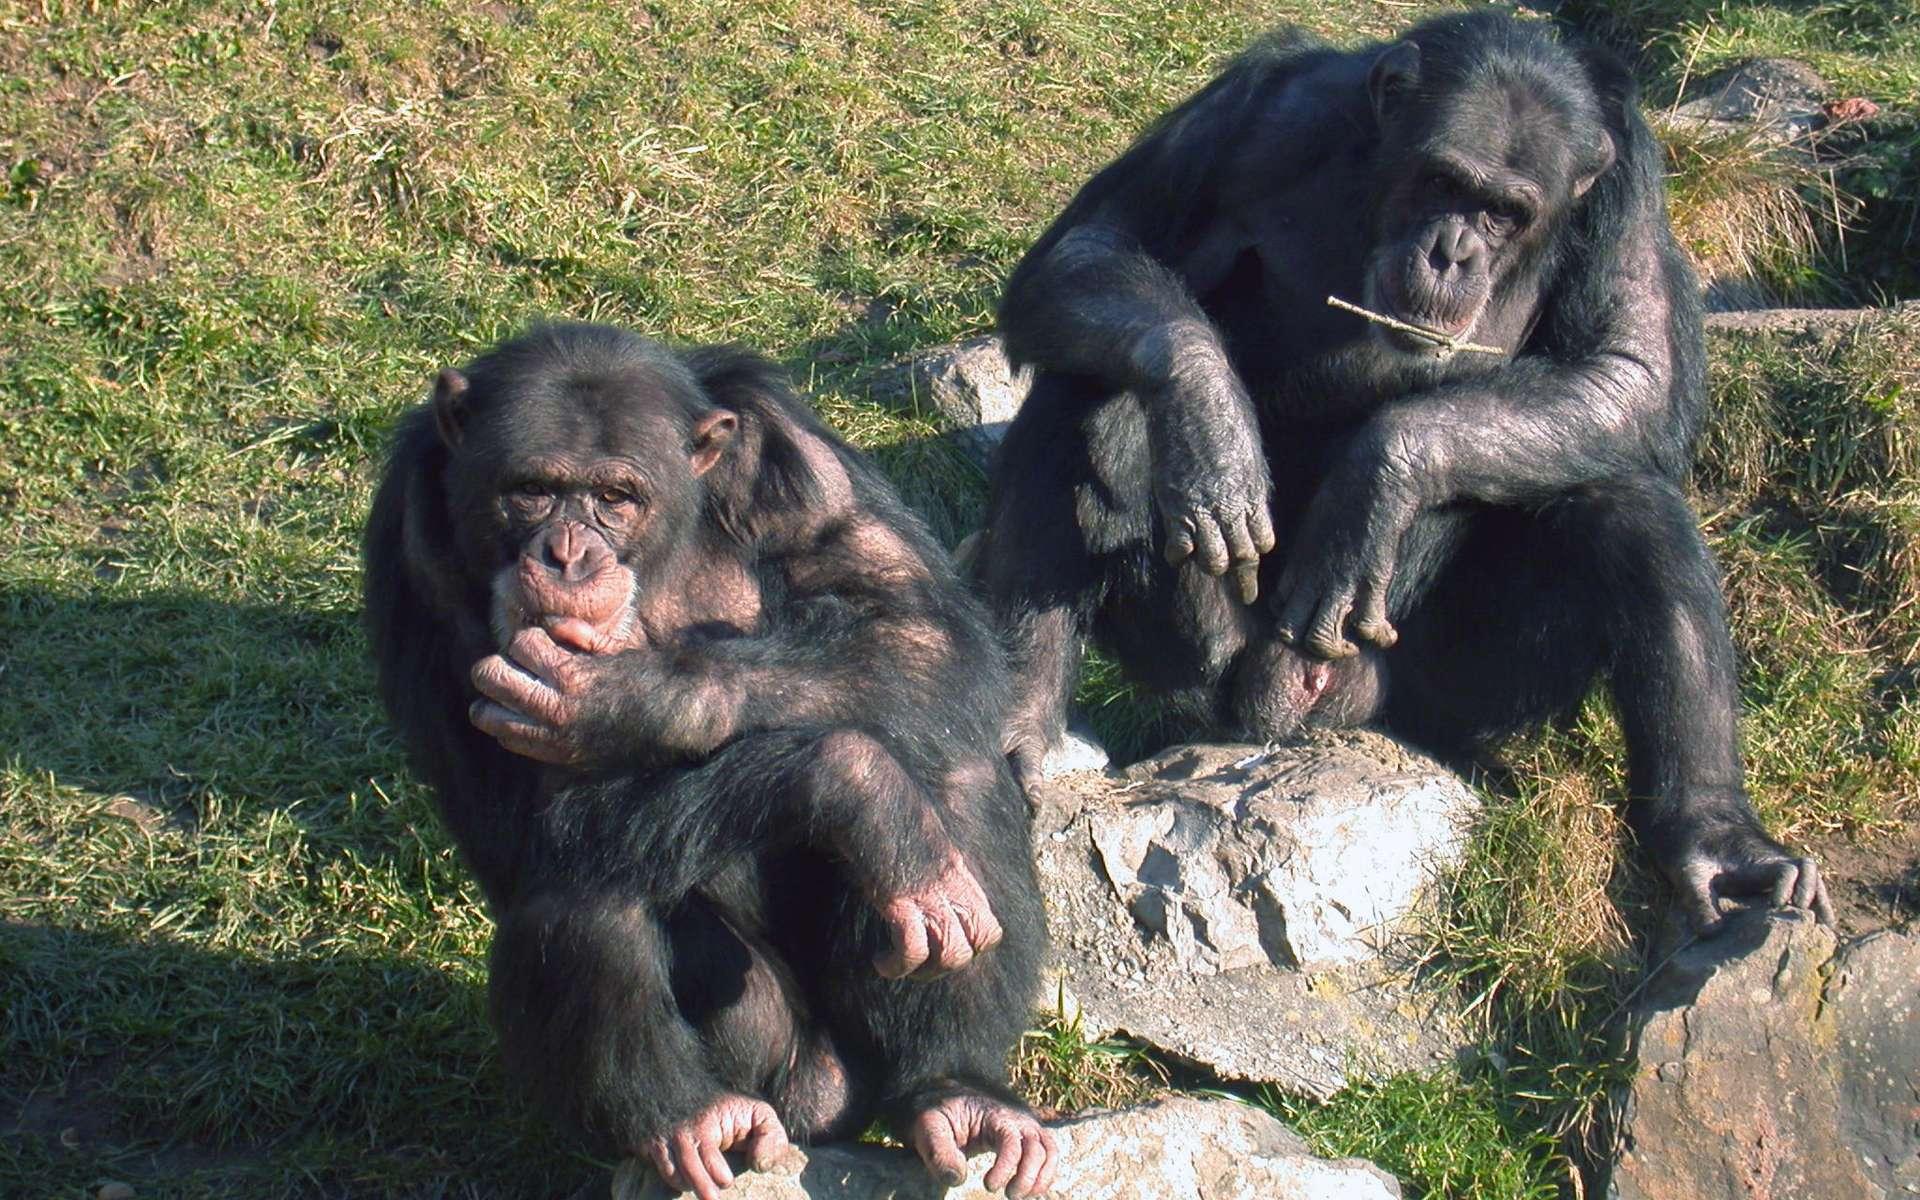 Les chimpanzés forment habituellement des communautés de 20 individus au sein desquelles ils peuvent vivre en sous-groupes. Le toucher joue un rôle important dans leurs communications. © Claudia Rudolf von Rohr